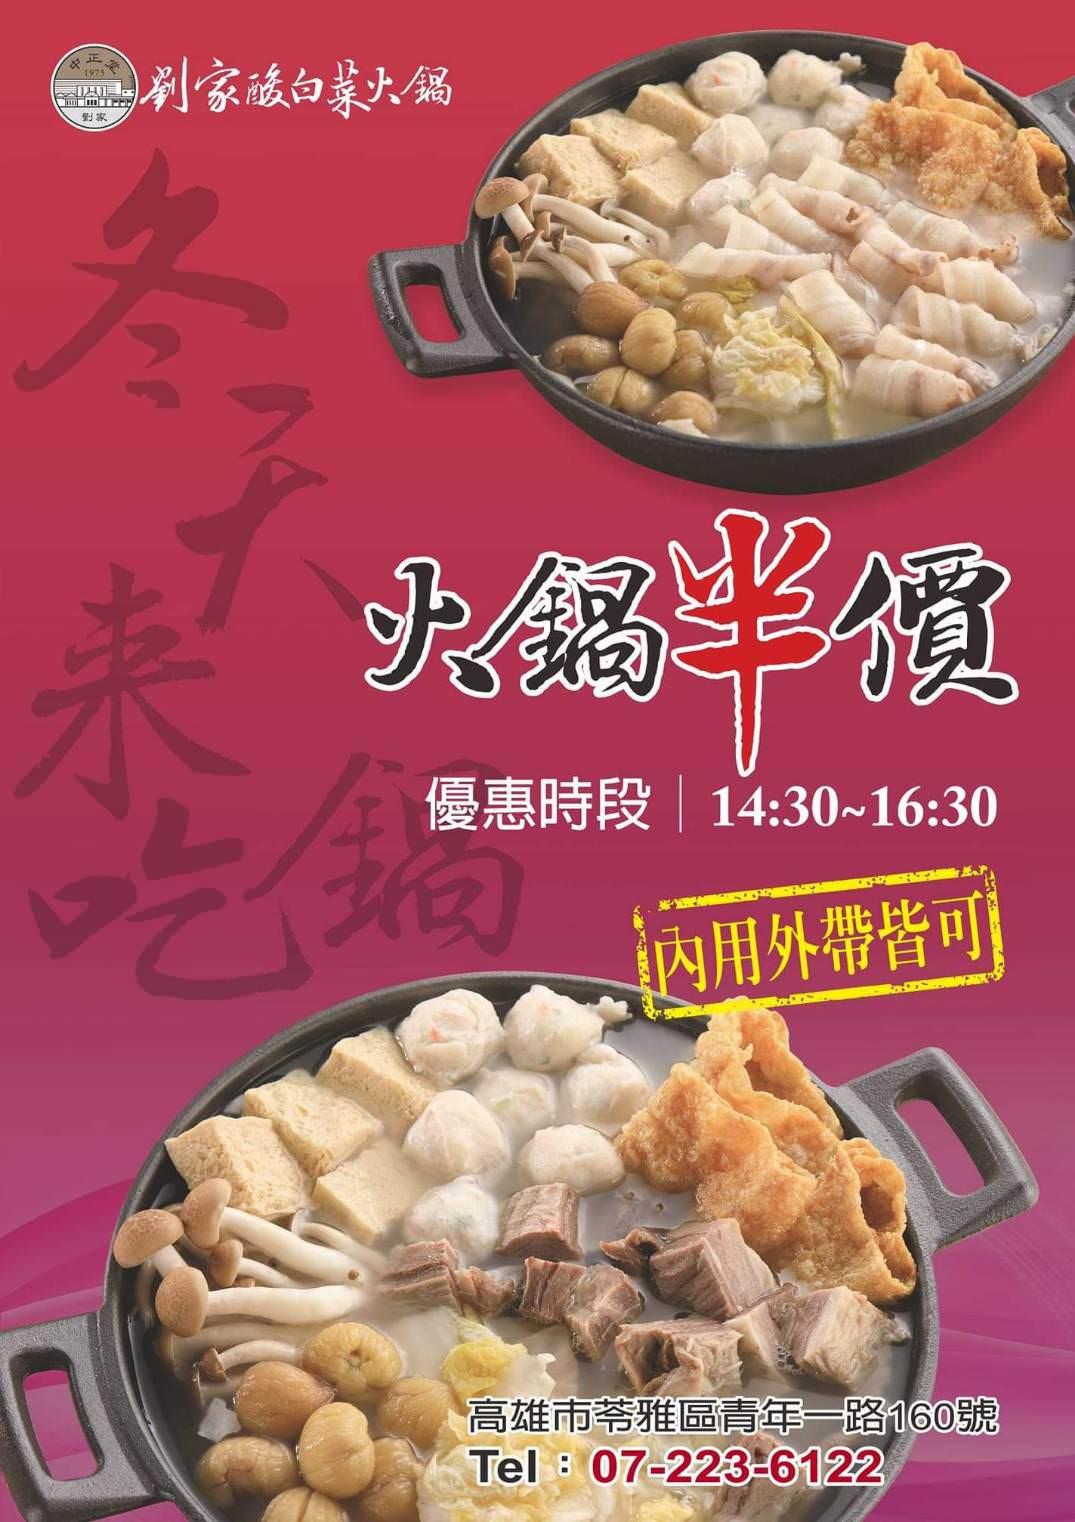 [高雄]一夫人-C/P值超高湯包煎餃麵食~劉家酸菜白肉老店新品牌 @美食好芃友